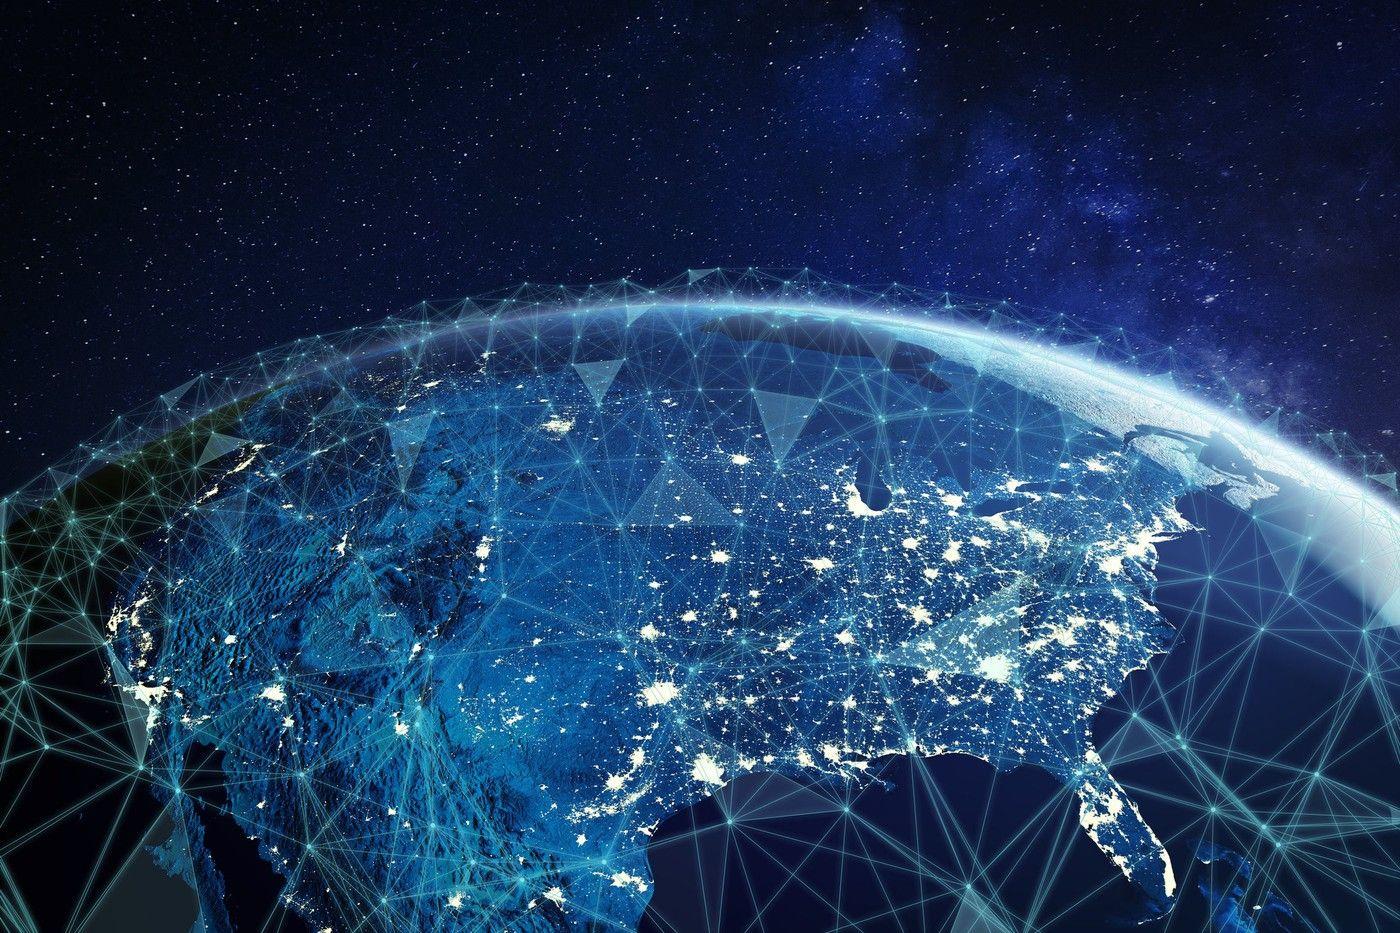 tecnologiaparaummundomelhor - De que modo a tecnologia contribui para um mundo melhor?